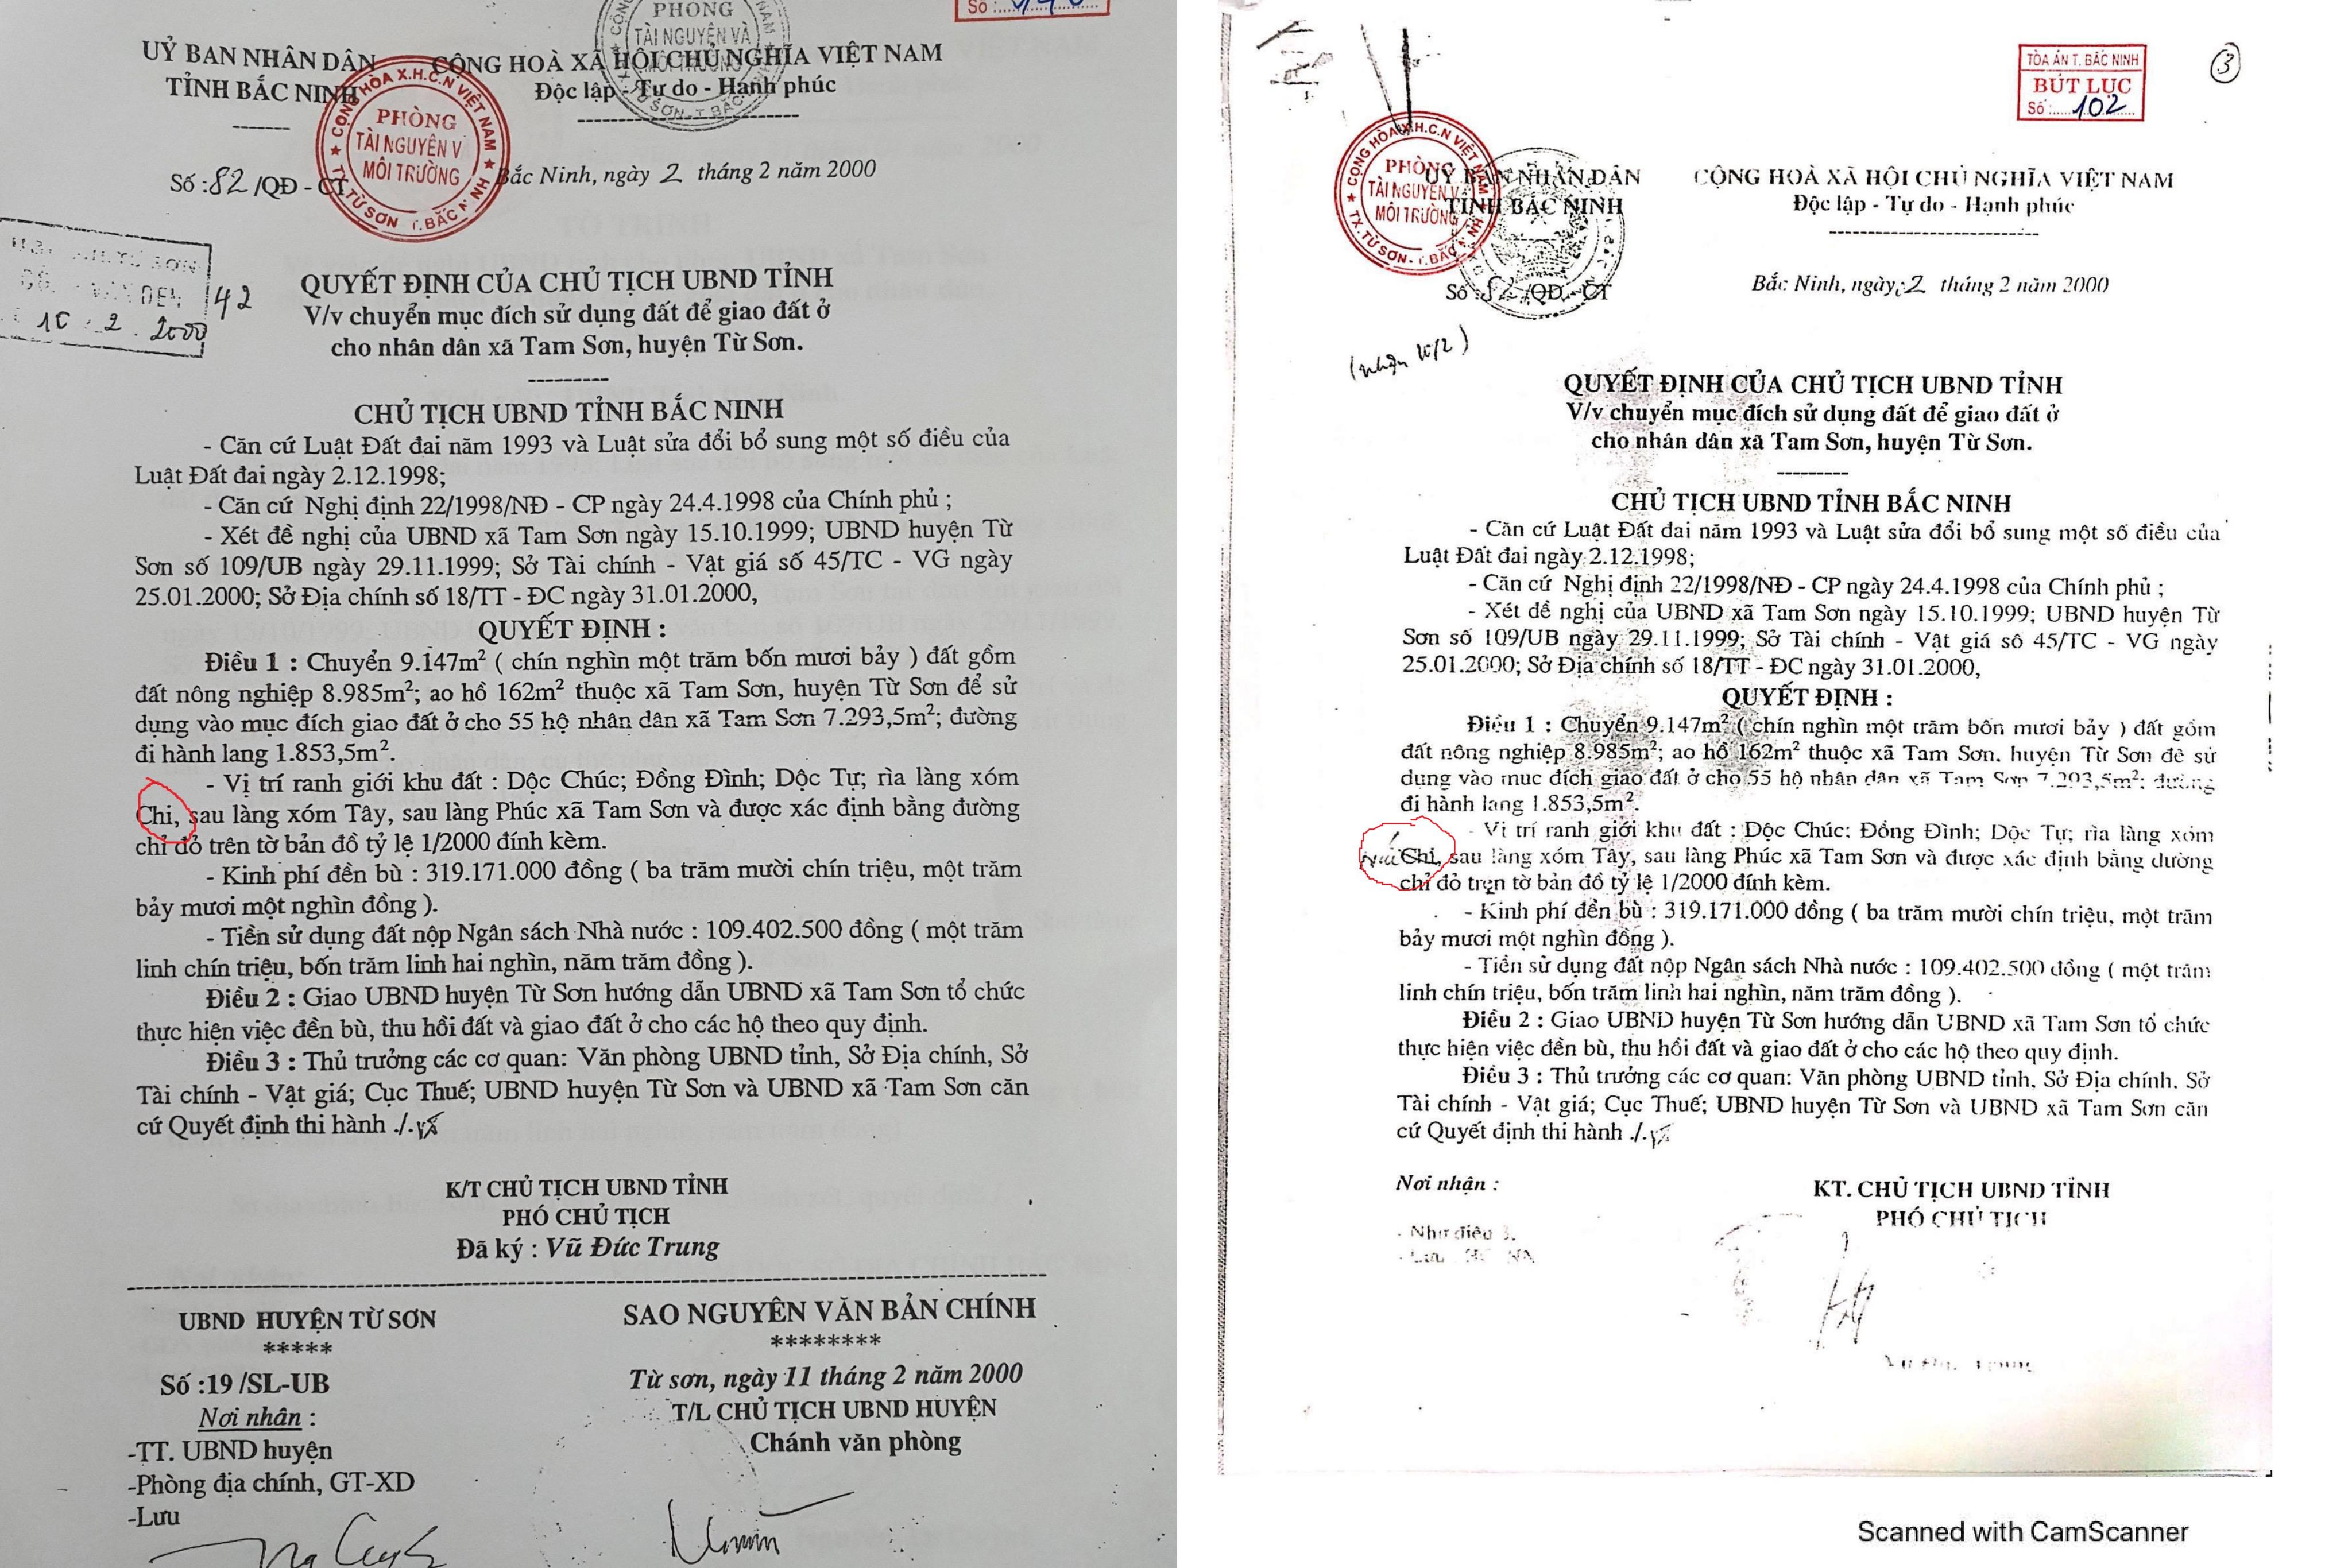 QĐ 82 của Chủ tịch UBND tỉnh Bắc Ninh bị Thanh tra thị xã Từ Sơn sửa chữa trái pháp luật